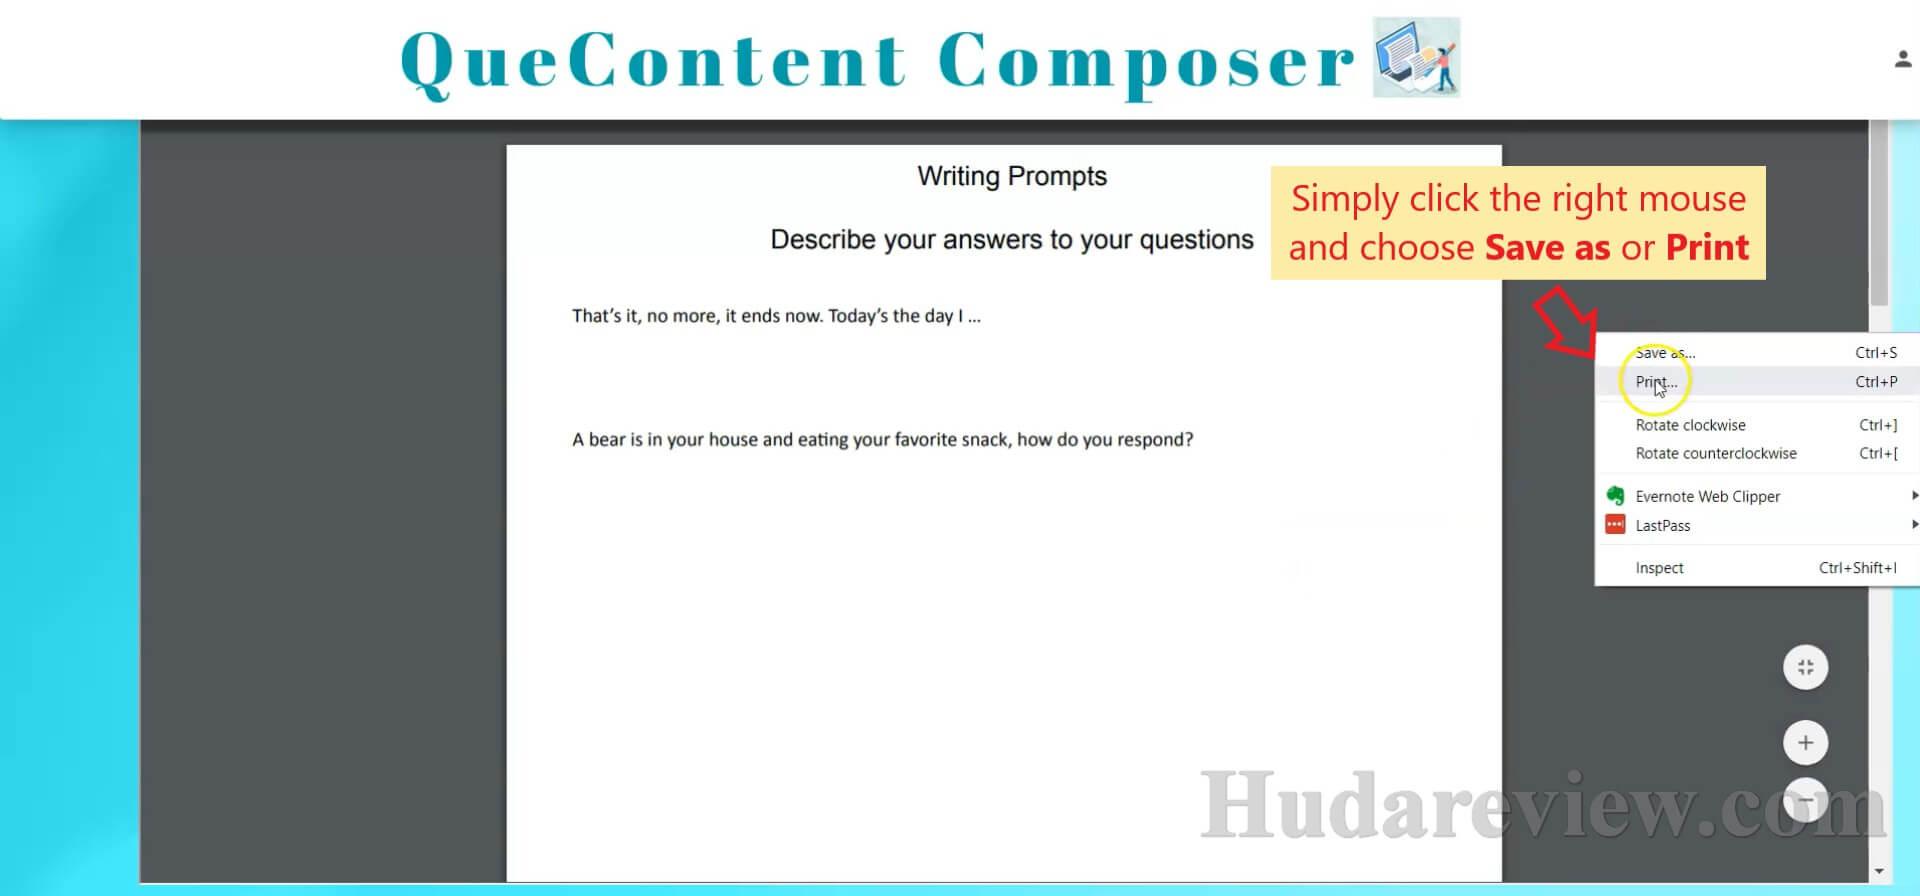 QueContent-Composer-Step-3-4